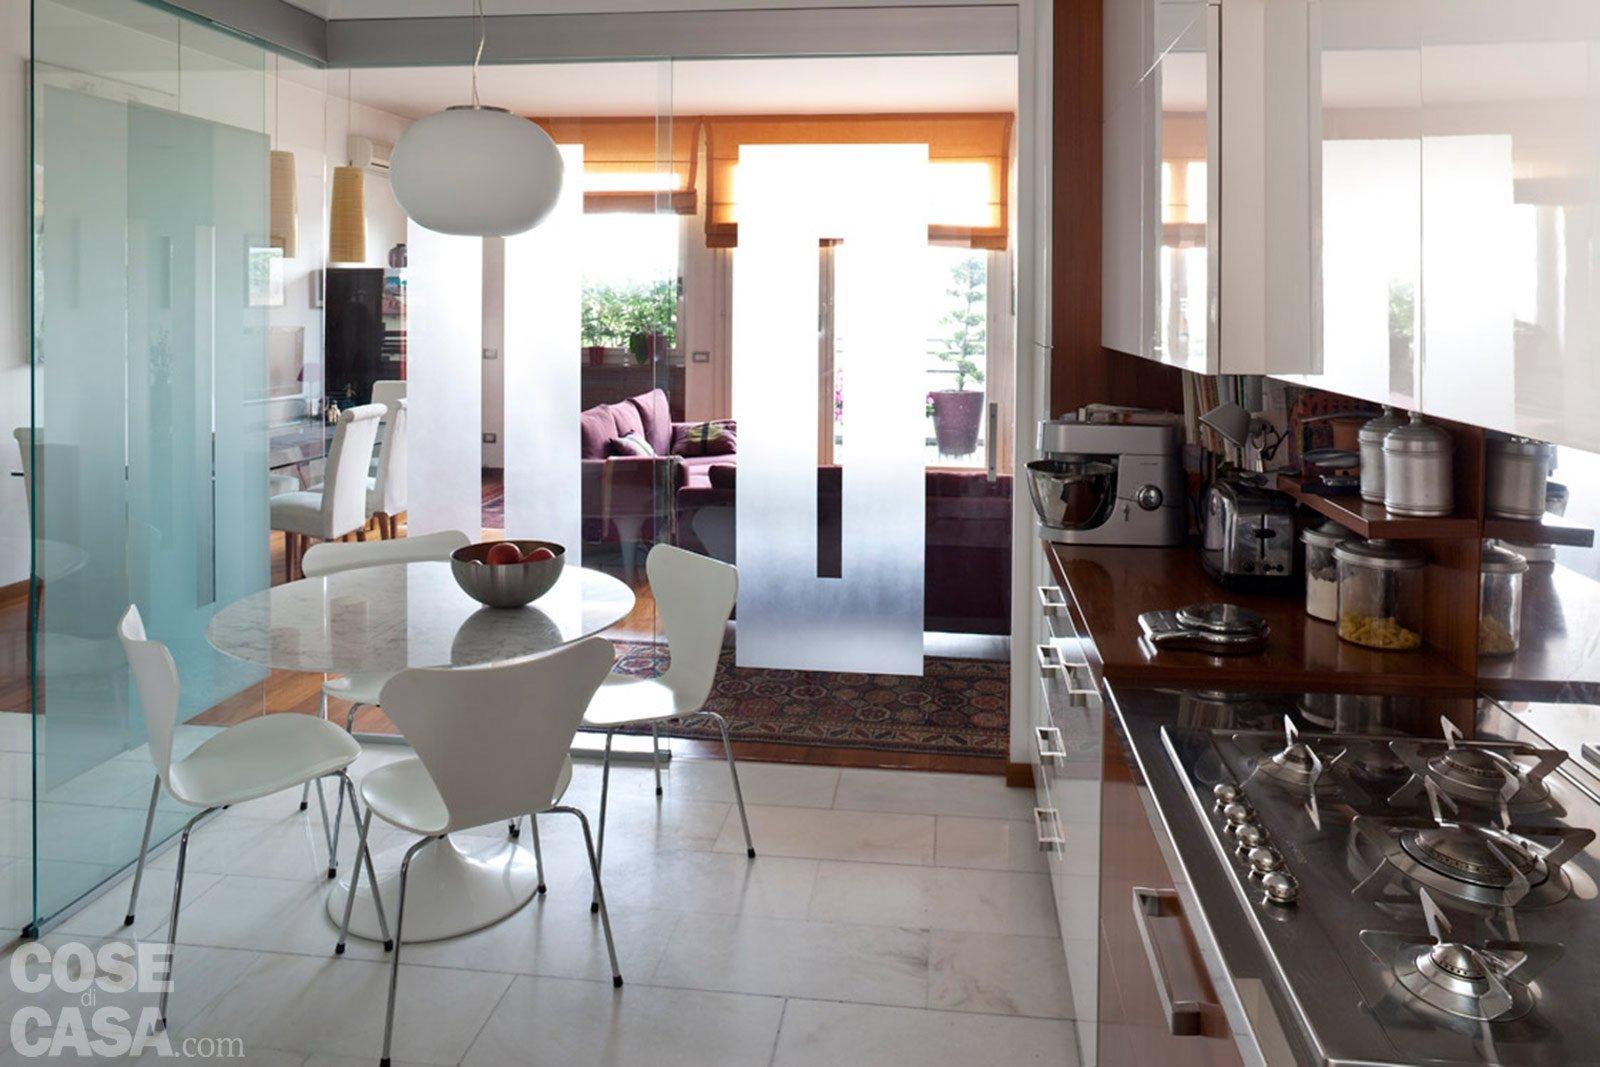 Una casa rinnovata nel look con luce moltiplicata cose - Tavolo piccolo ikea ...